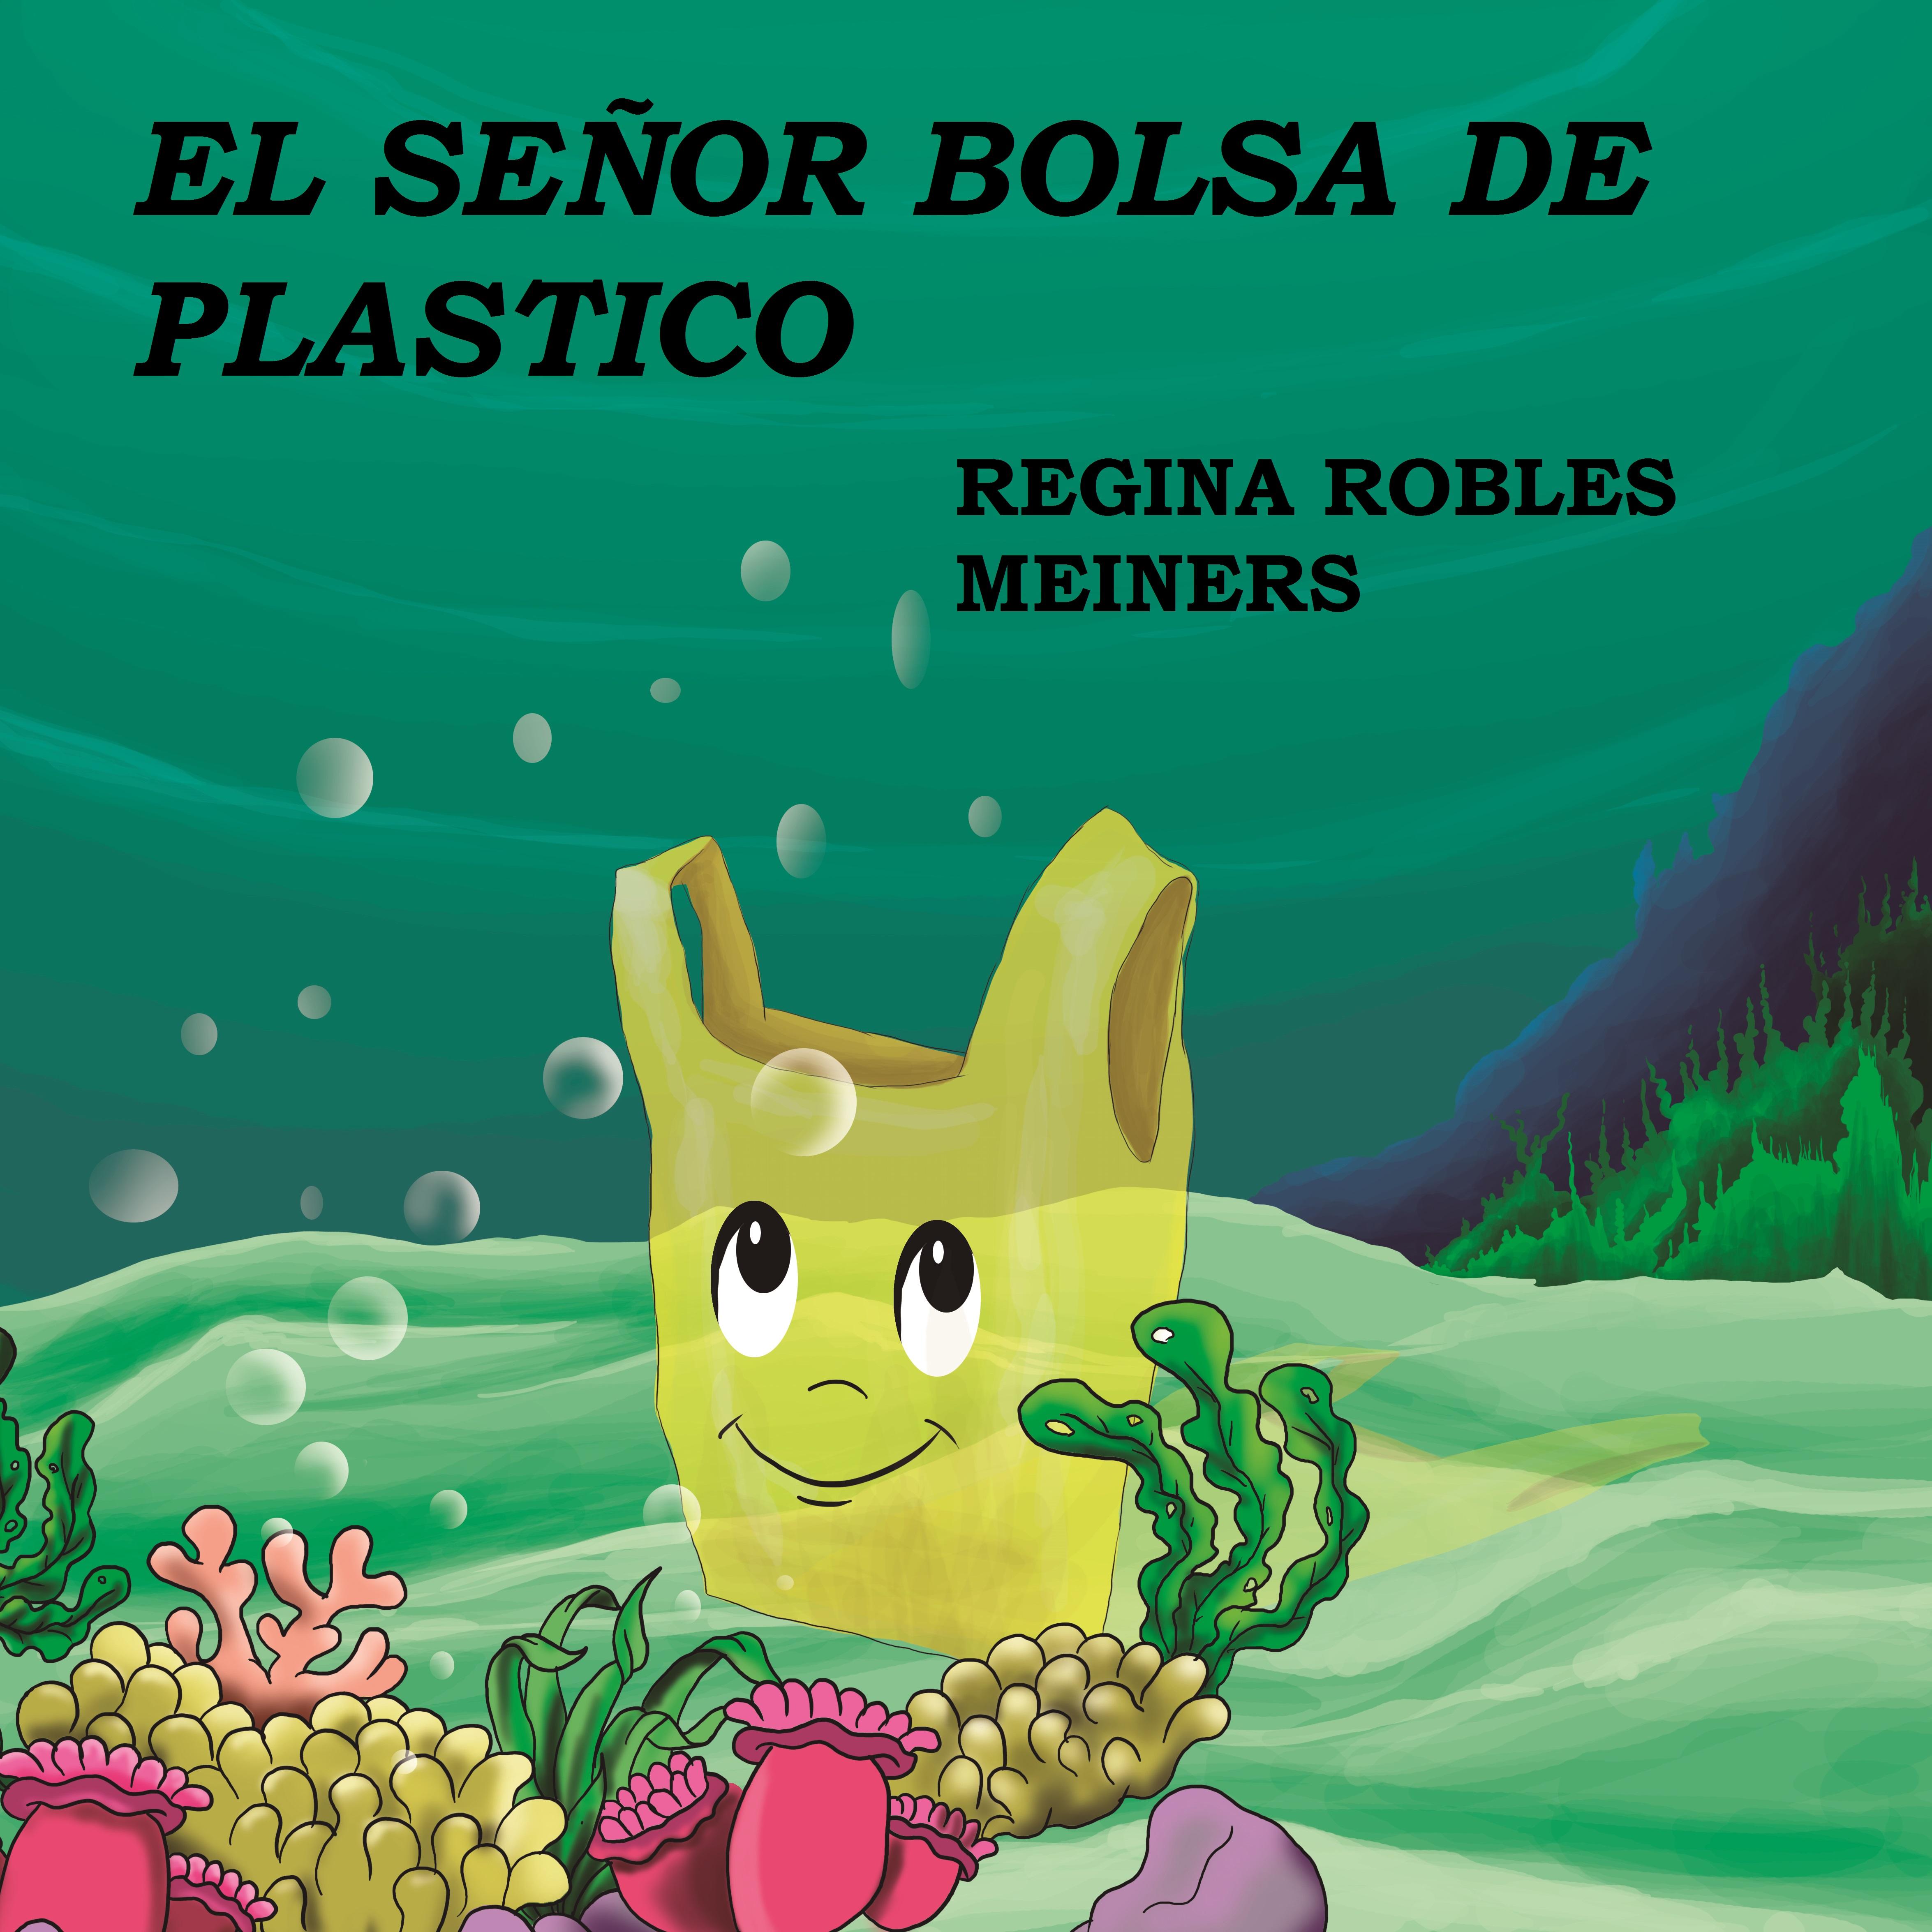 El Señor Bolsa de Plástico